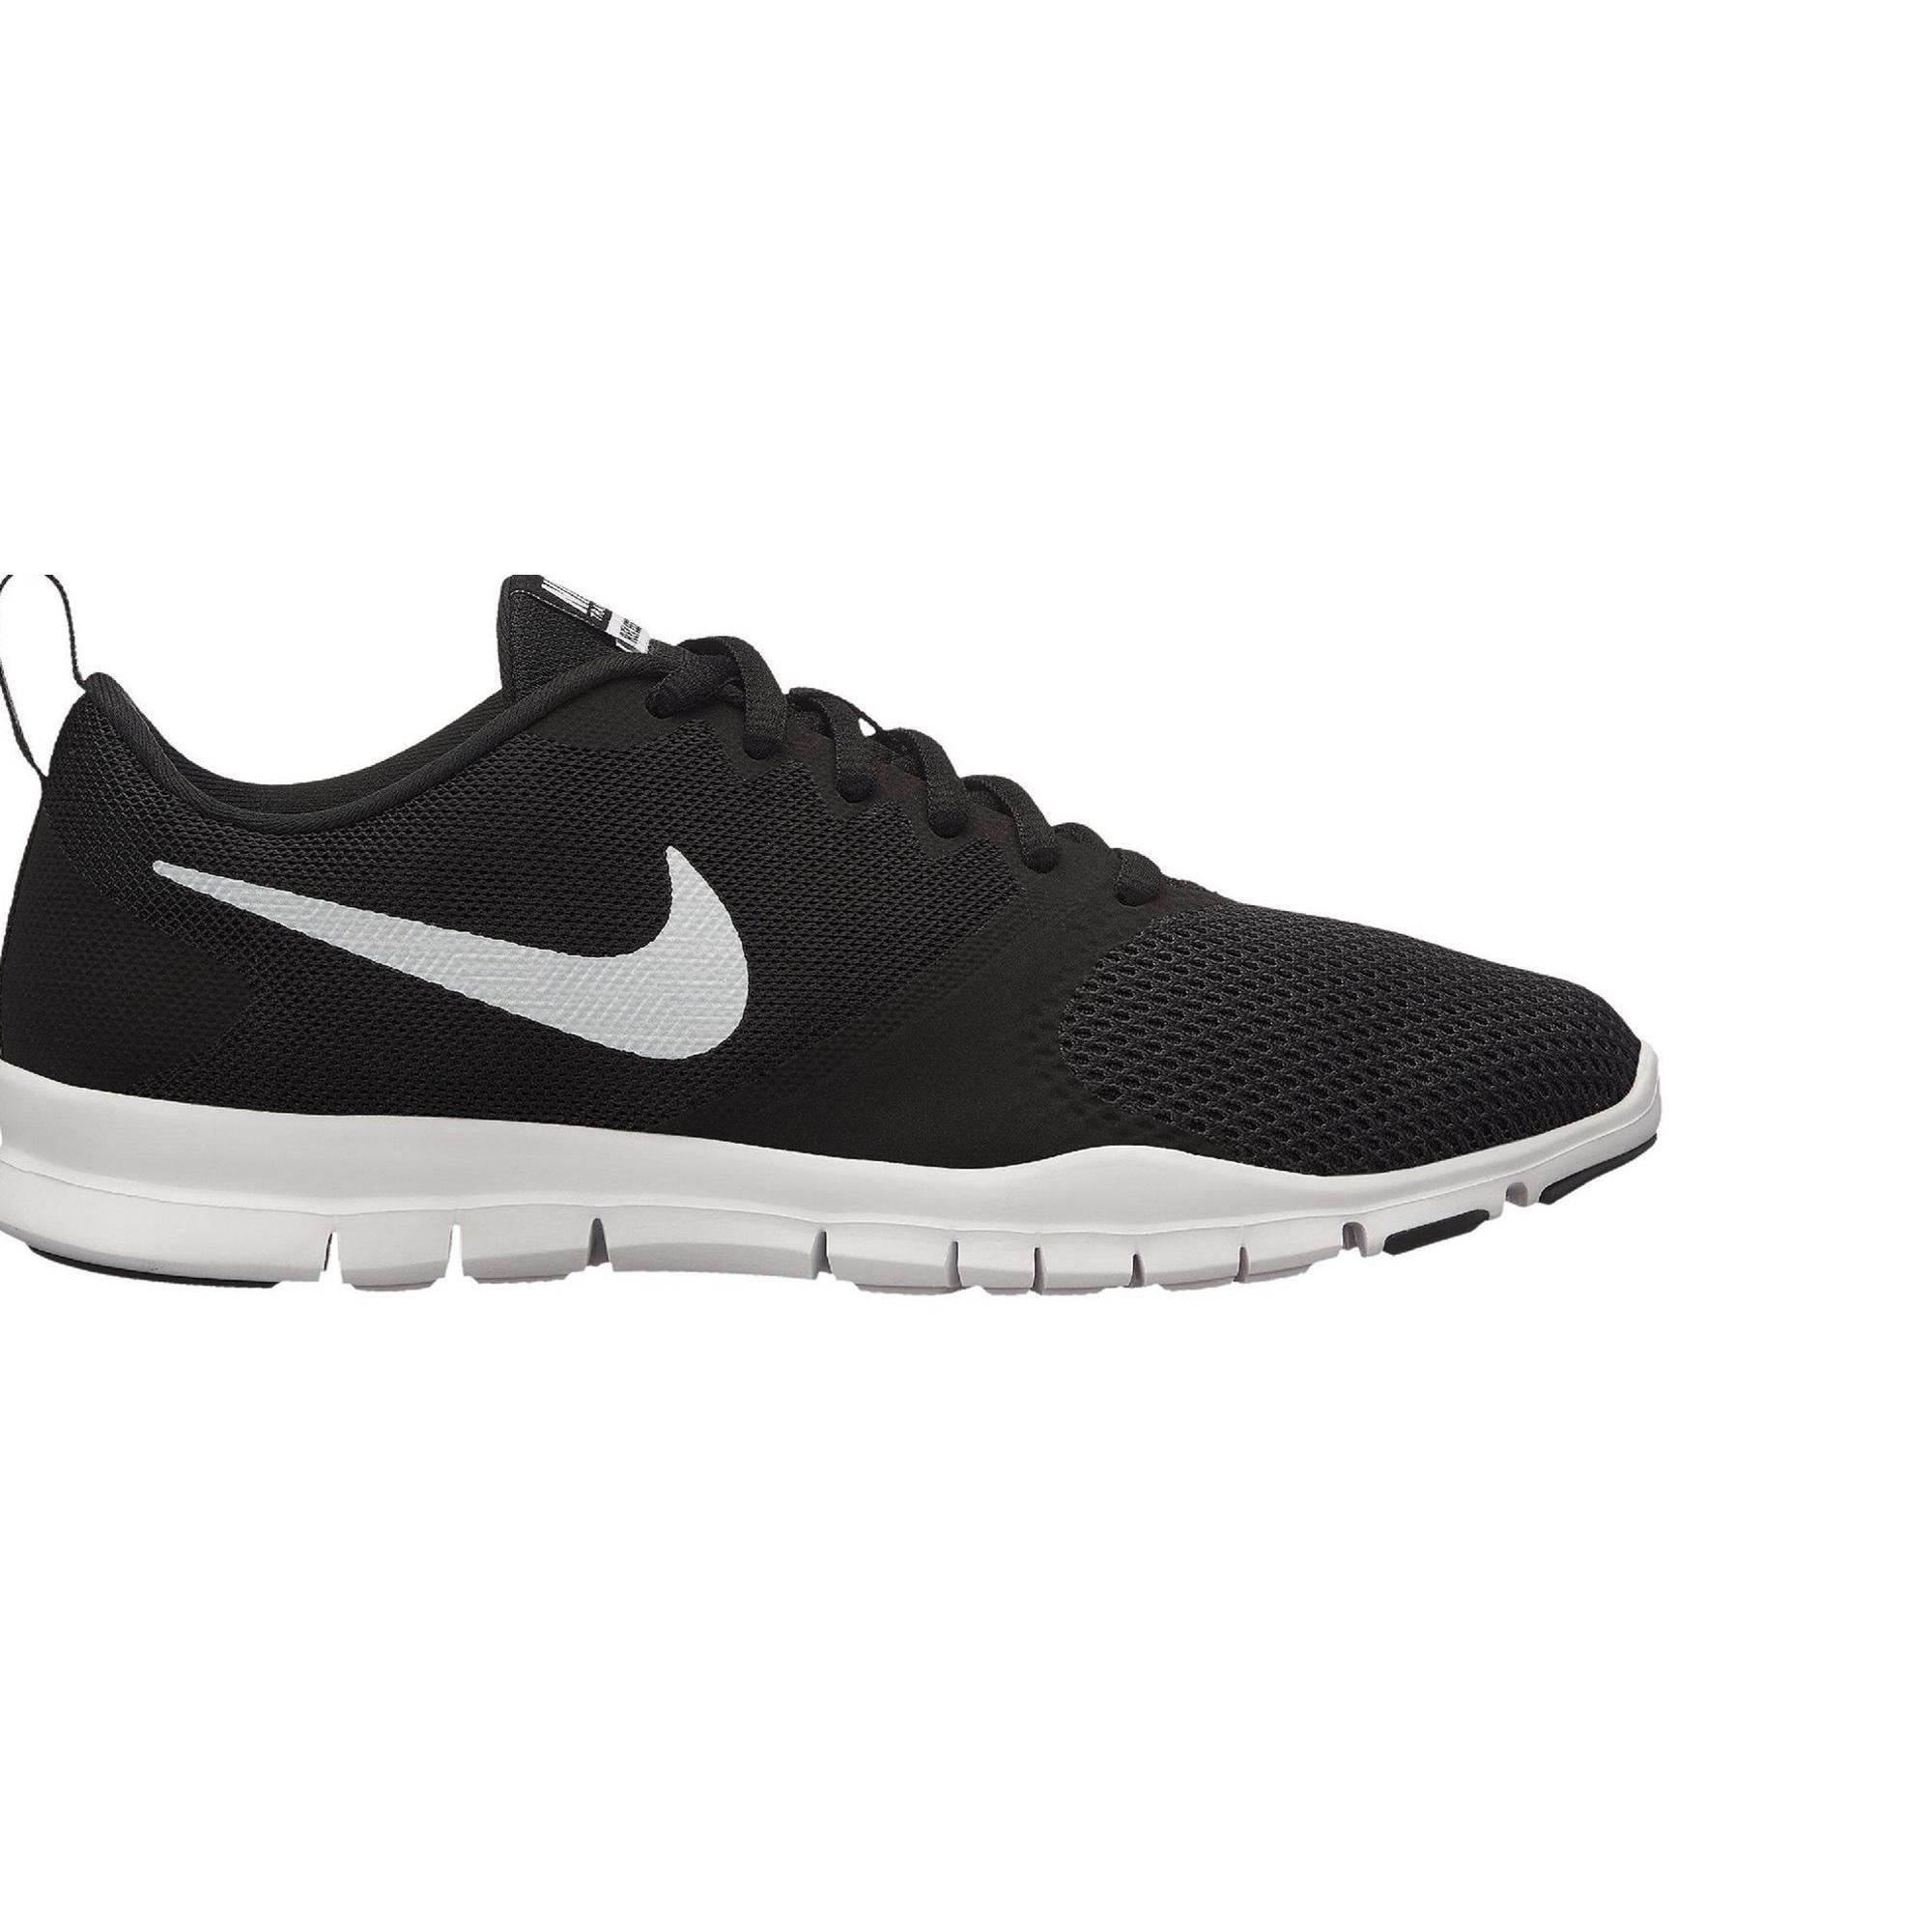 2408330 Nike Cardiofitness schoenen Nike Flex Essential voor dames zwart en wit